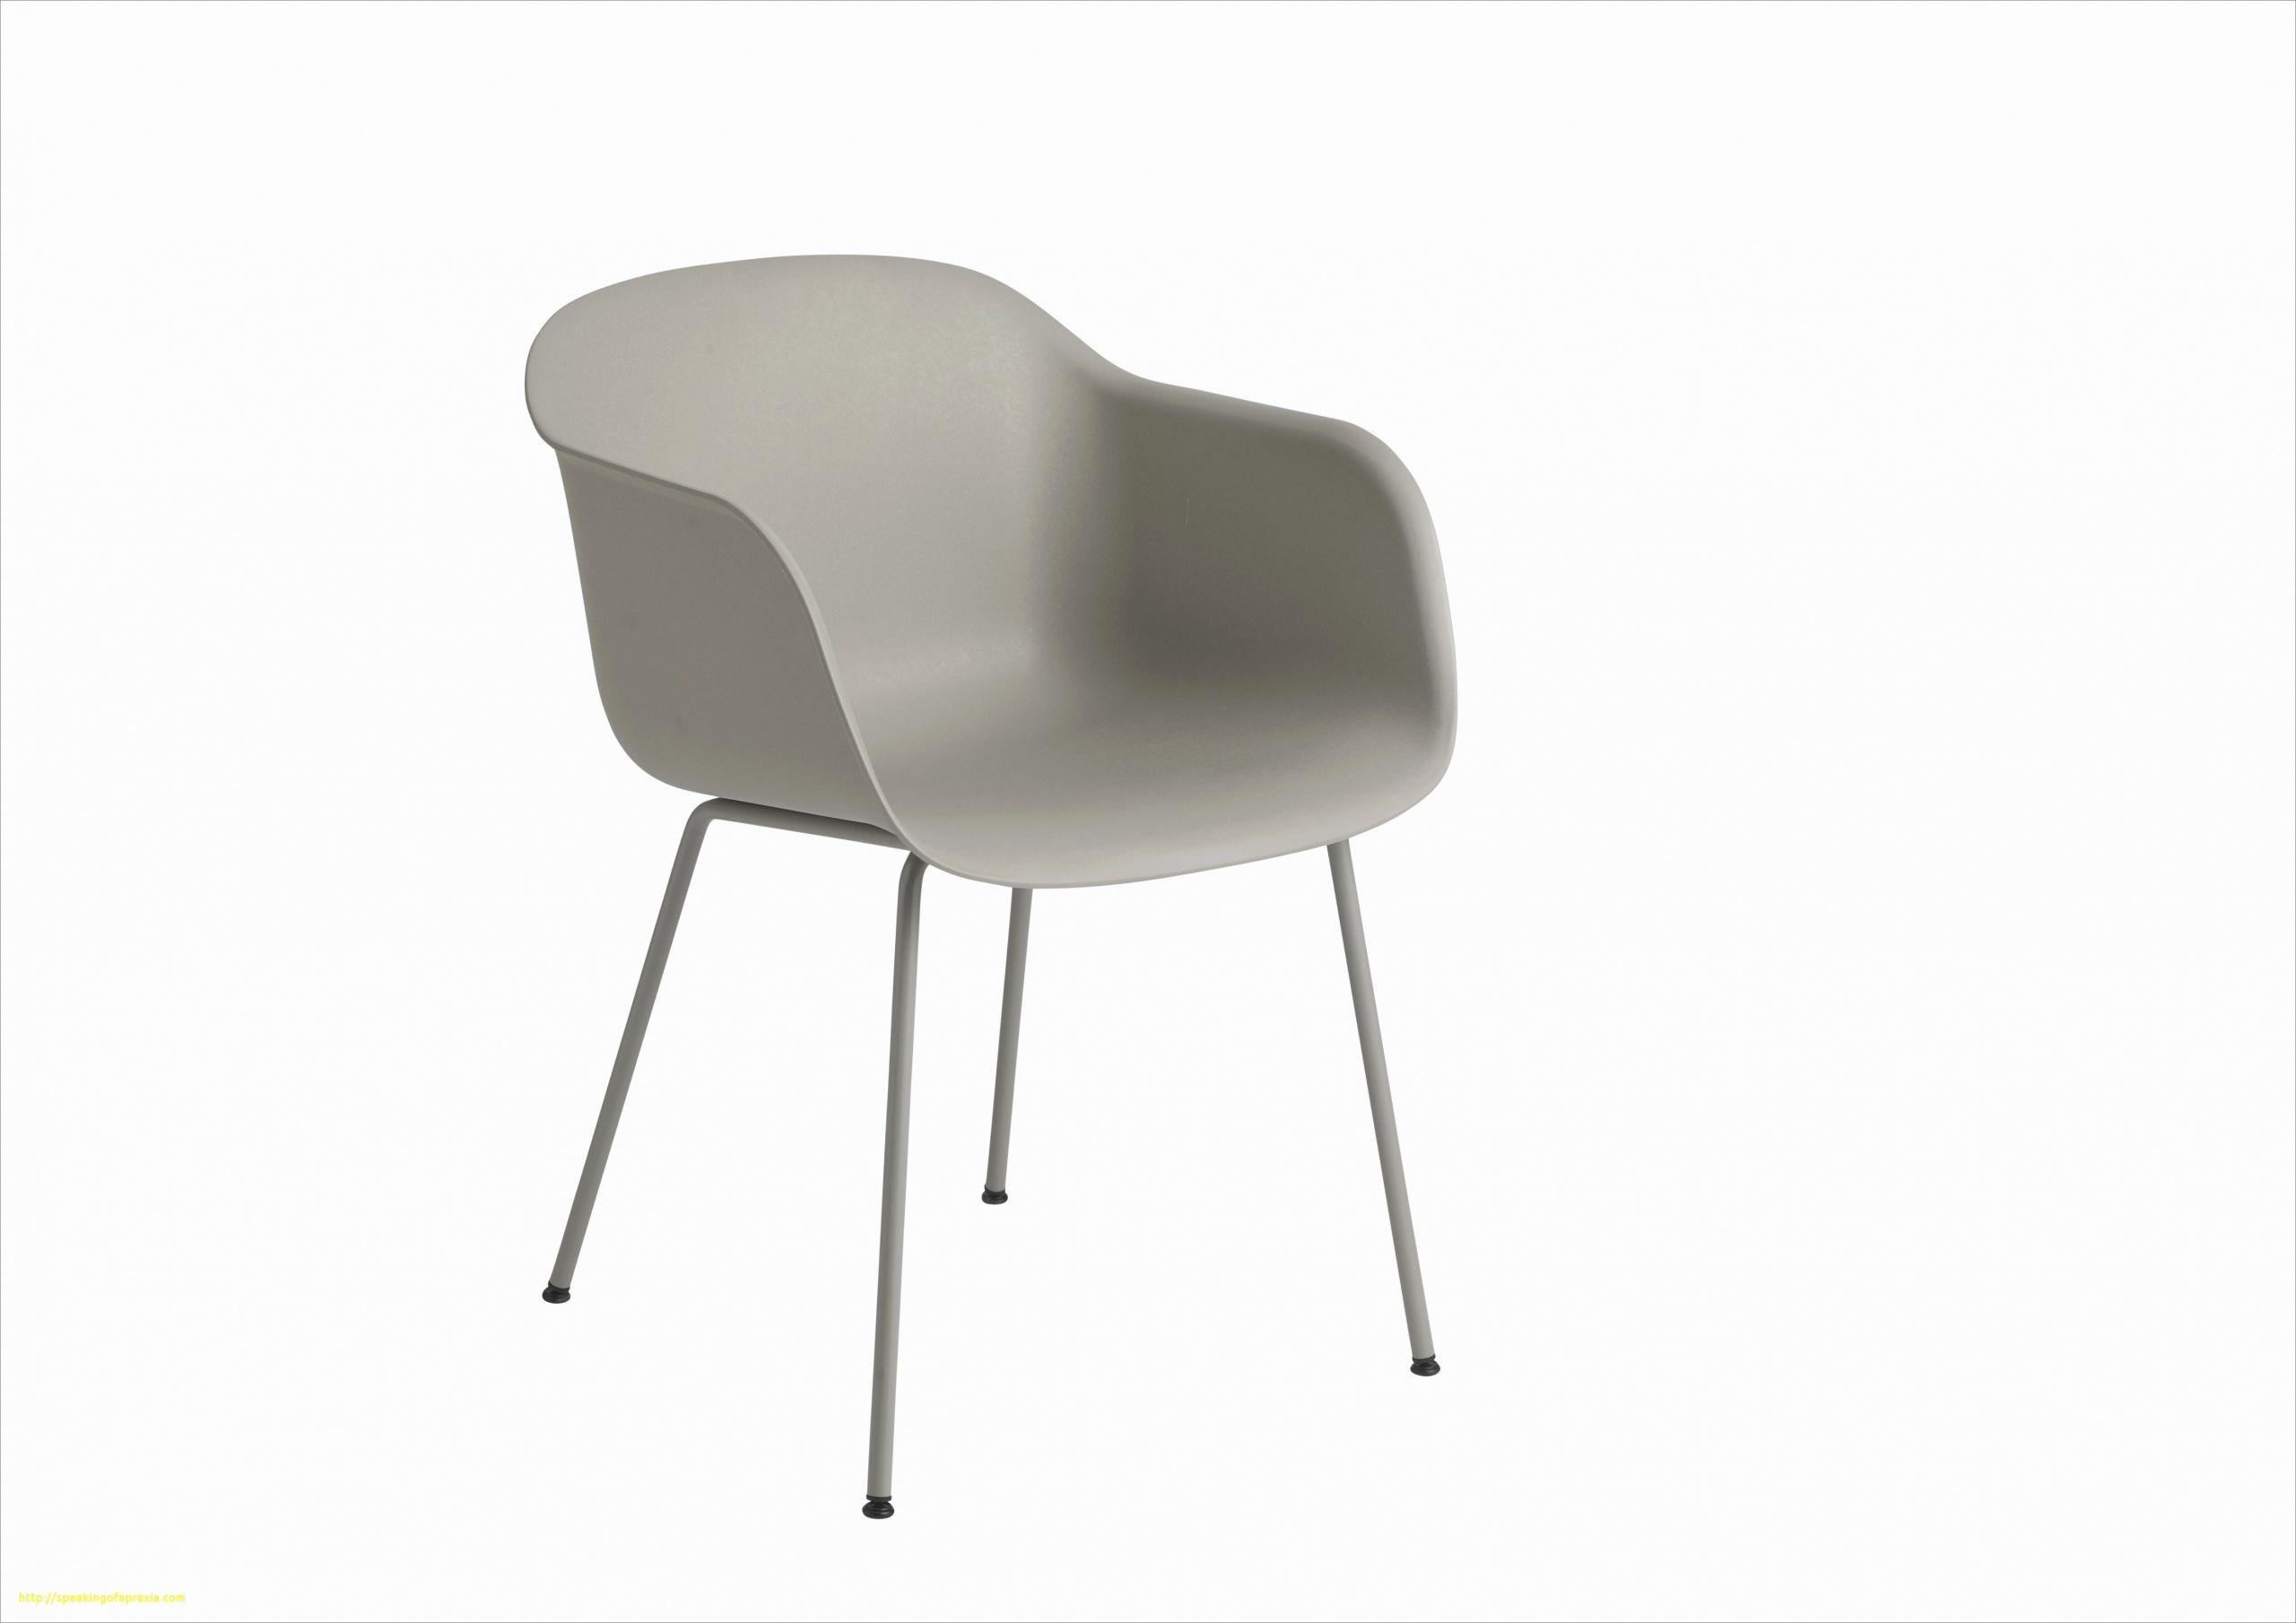 Chaise Et Table Charmant 0d Vintage Fauteuil Chaise Salon Frais Tissu De Table Wh9ieyd2 Of 23 Luxe Chaise Et Table